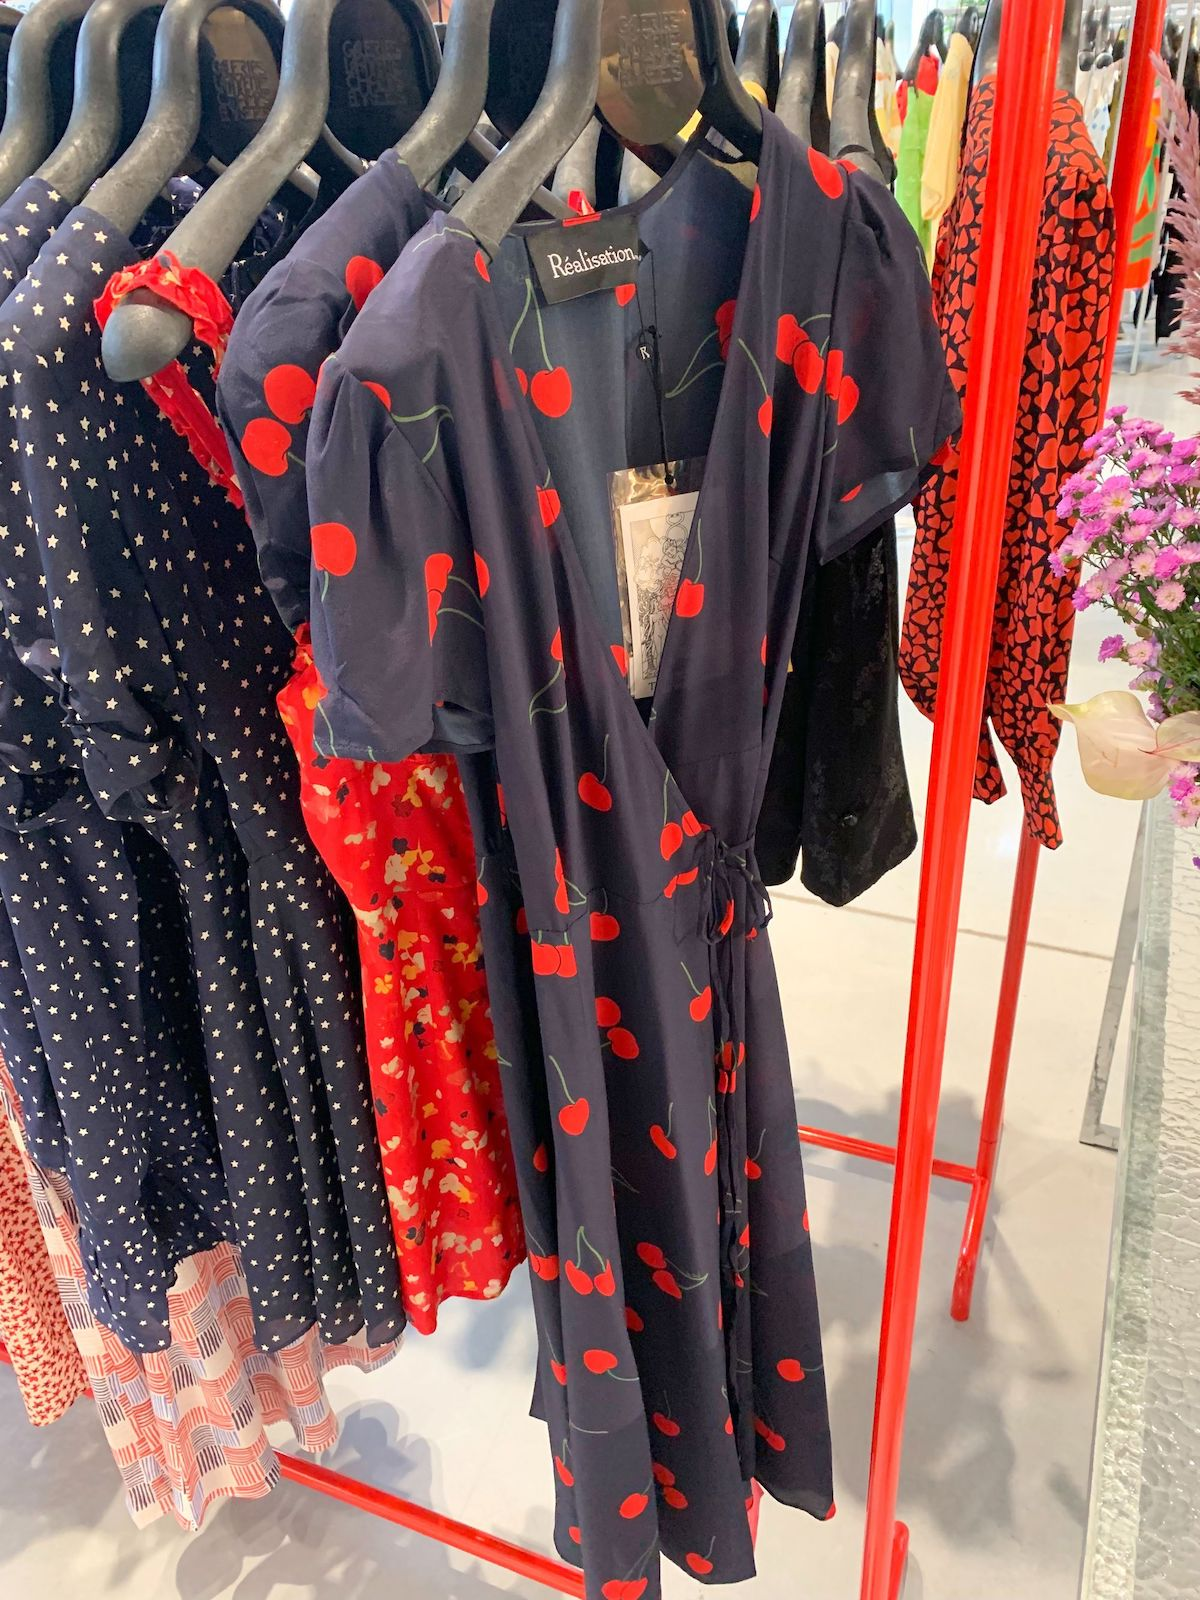 Realisation Par Wrap Dress at Galeries Lafayette Champs Elysées